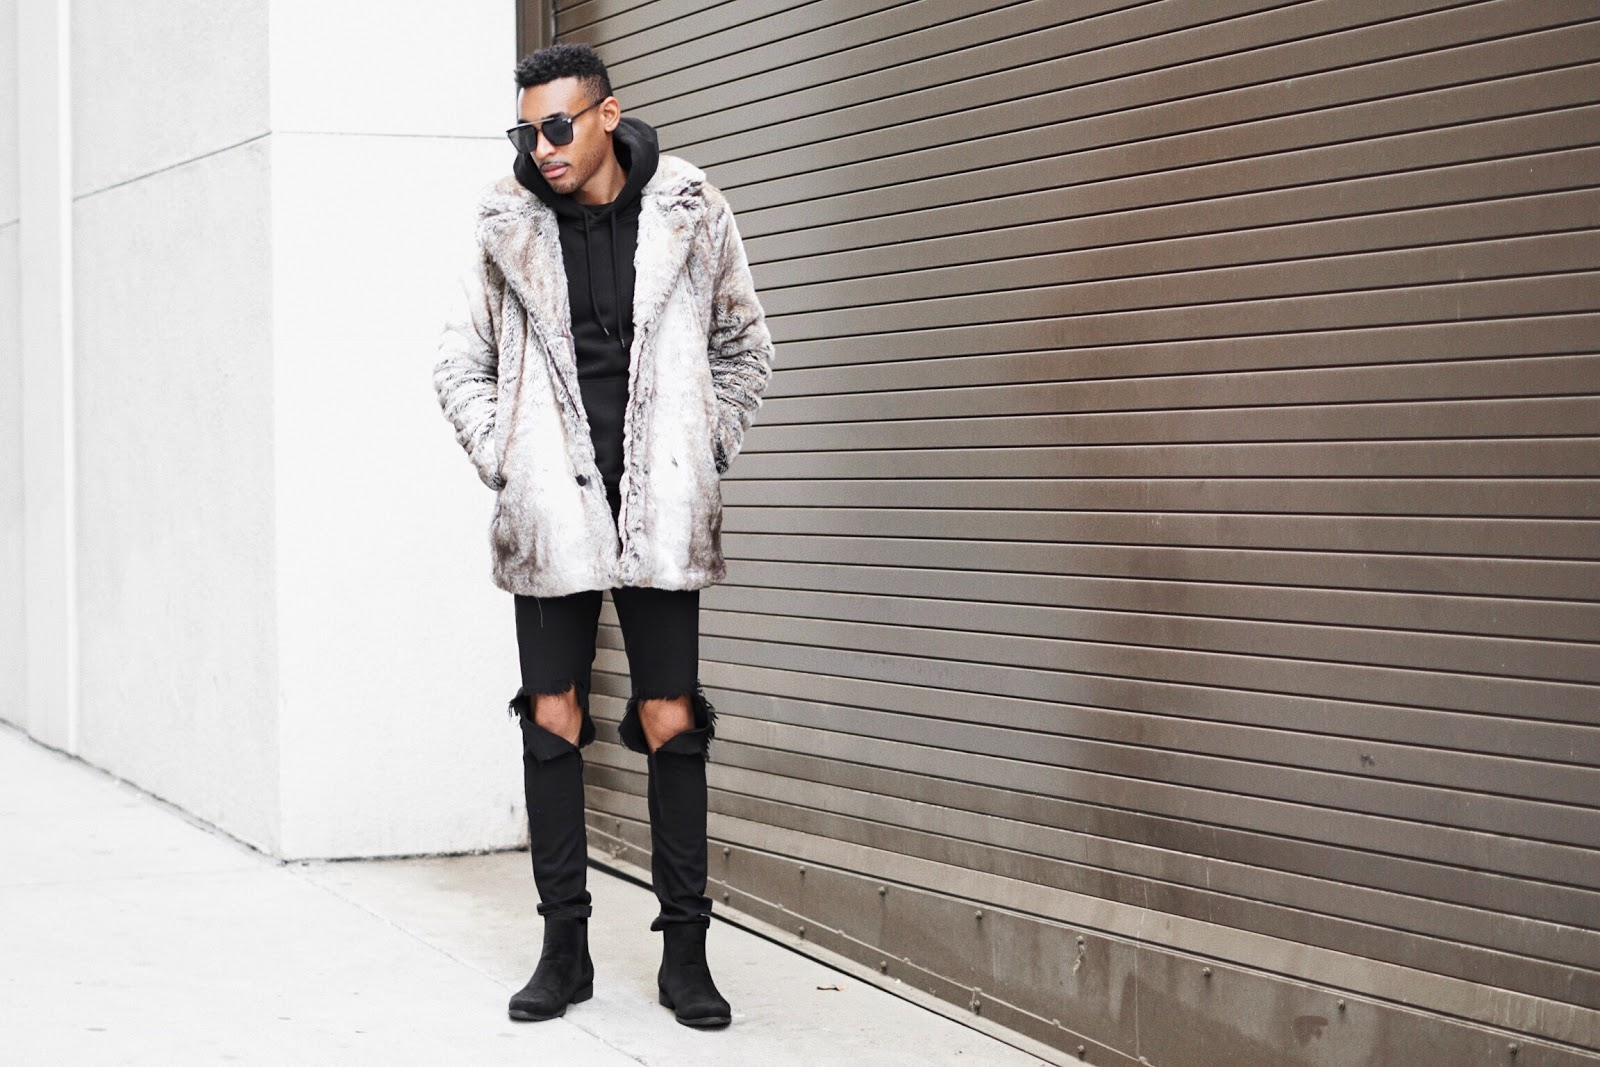 faux fur coats men over coats for men mens fashion fashion coats men fur coats fur coats mens style